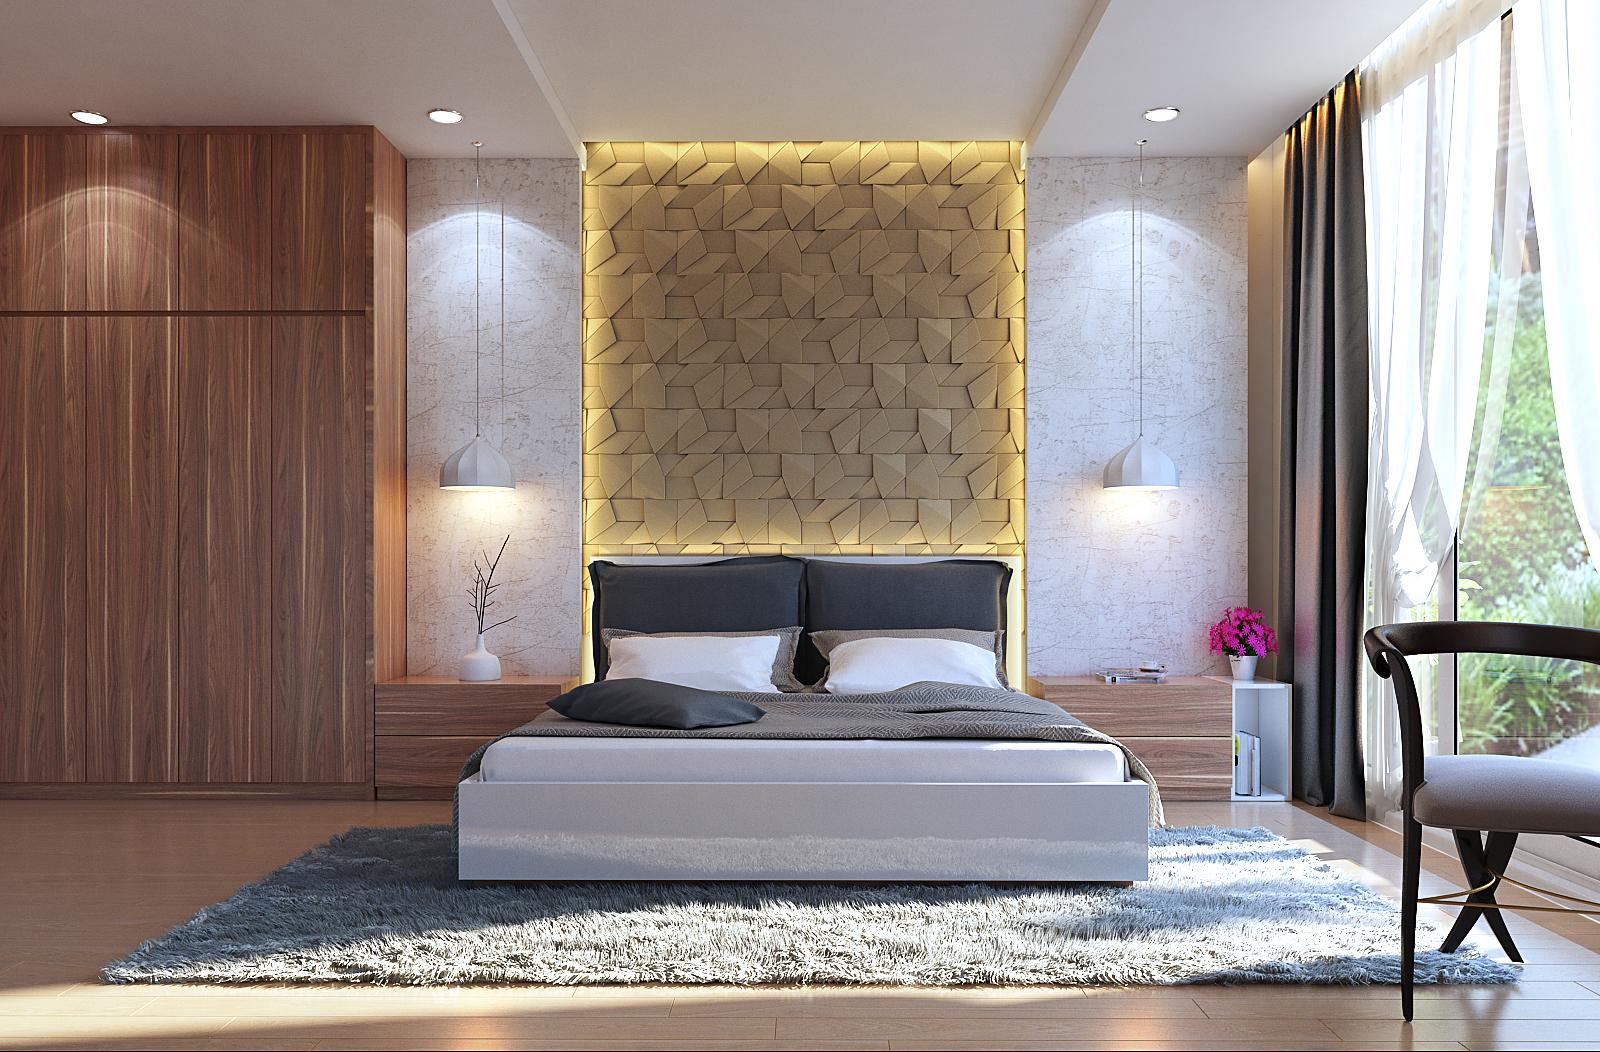 Thiết kế nội thất phòng ngủ đơn giản nhưng hiện đại